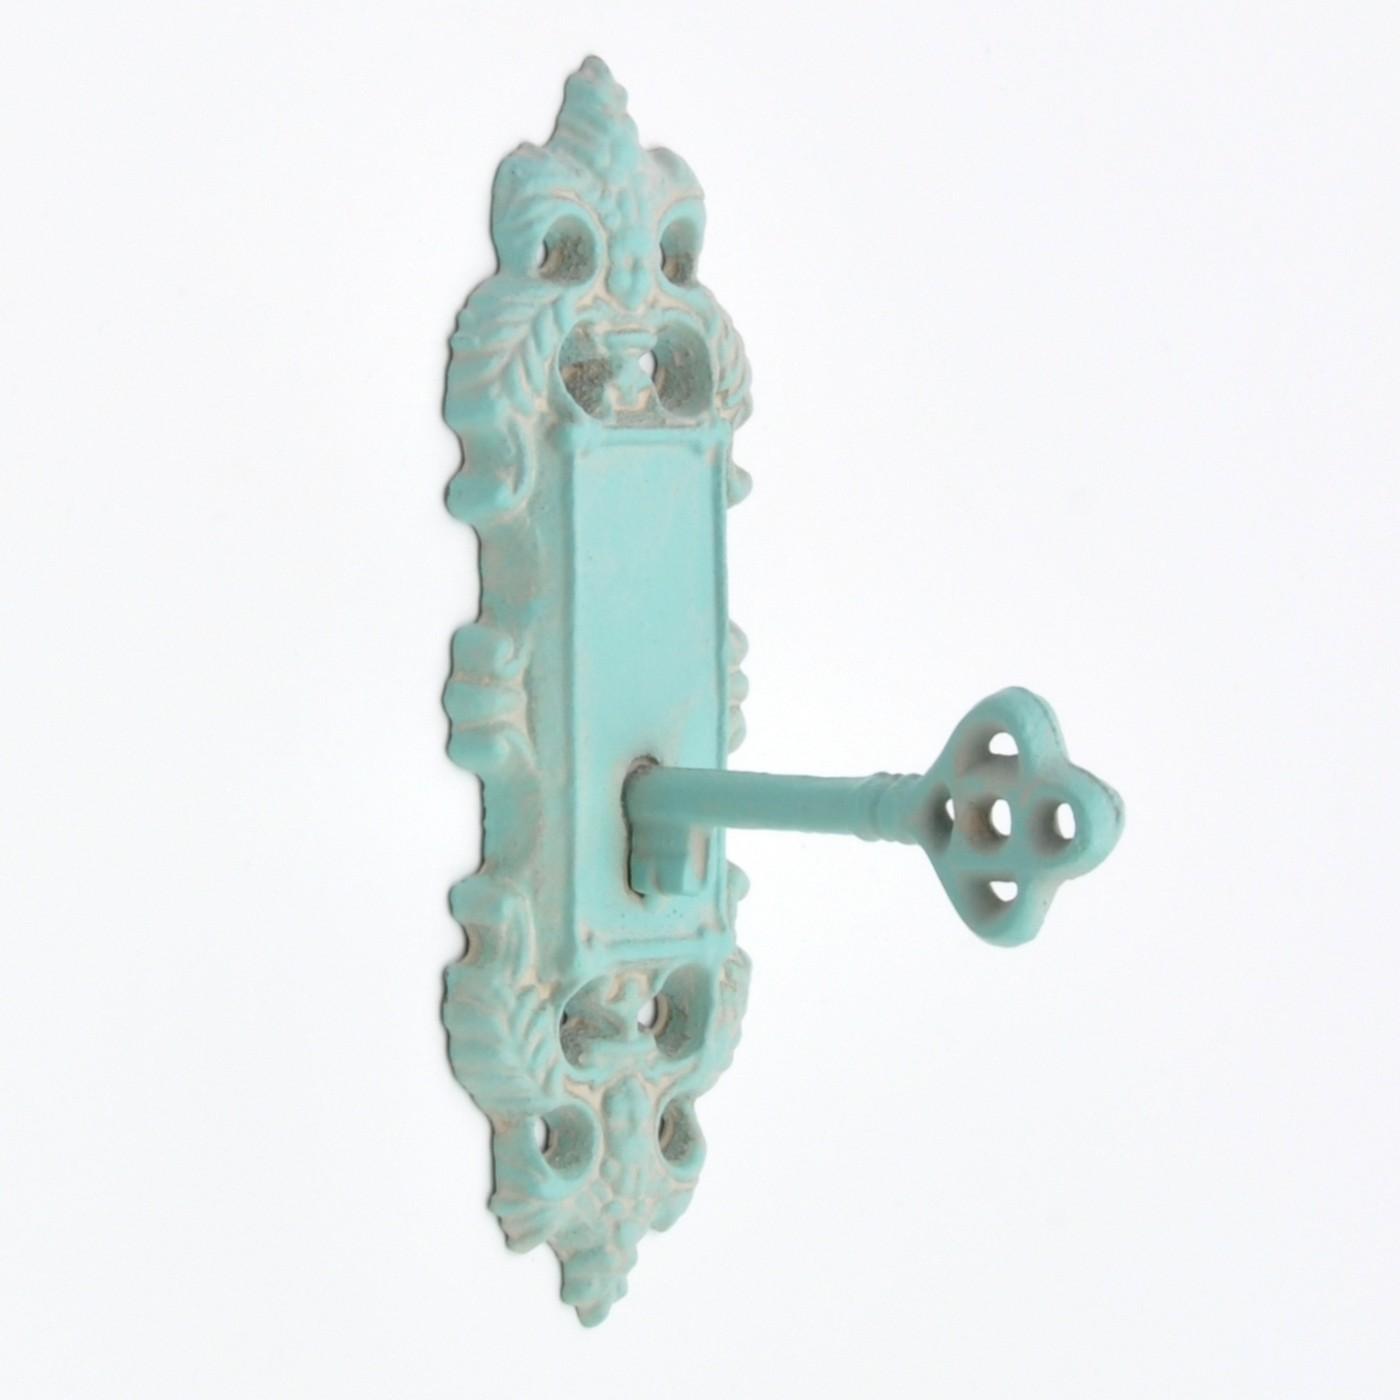 Unusual Wall Hooks vintage keyhole coat hook large key coat hook, big key wall hook